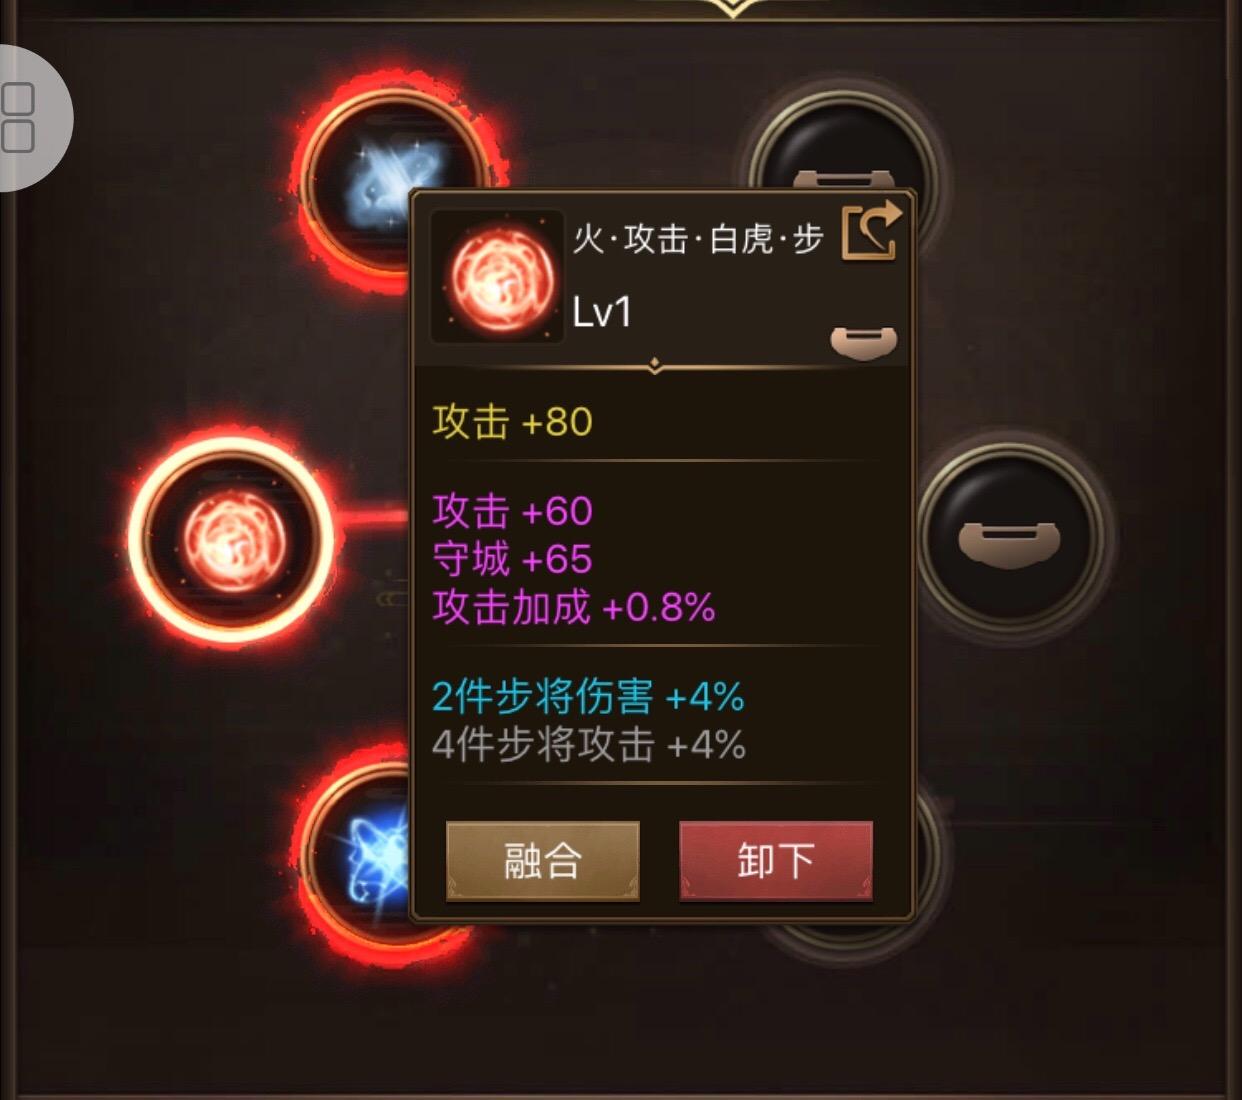 B78351DA-098C-4E17-ACC2-00CEAE71D9B7.jpeg